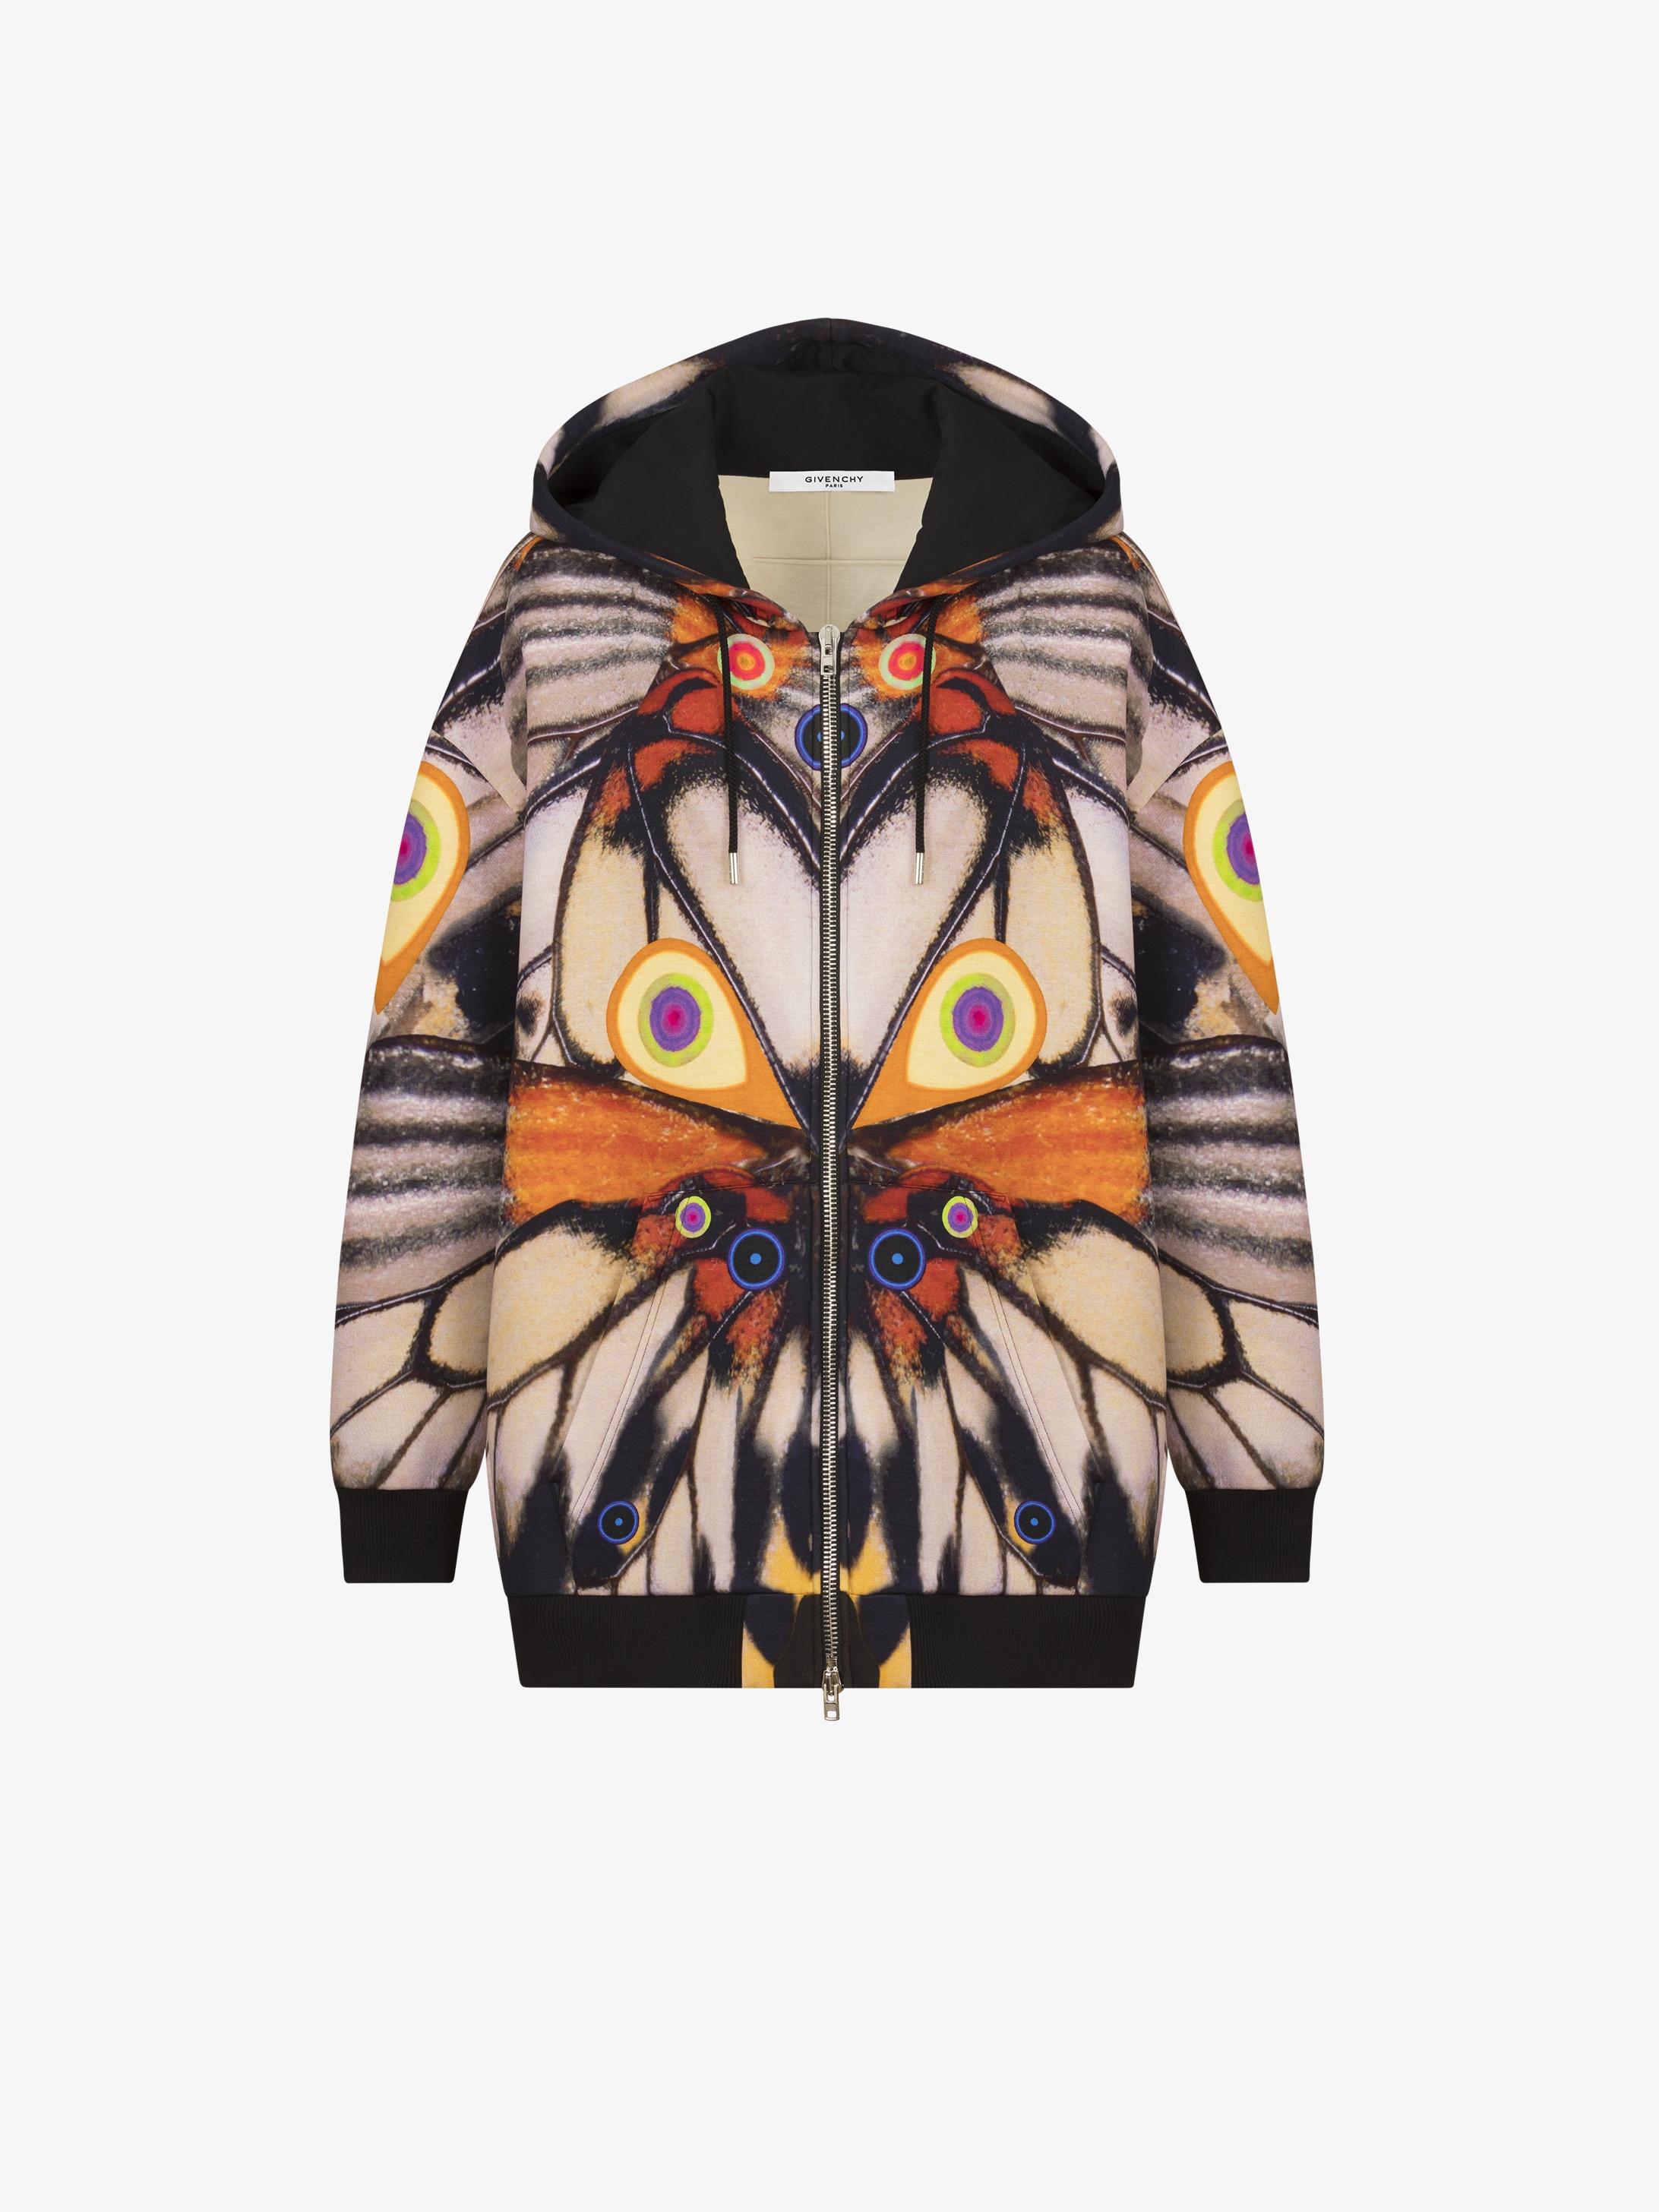 Butterfly printed hoodie jacket